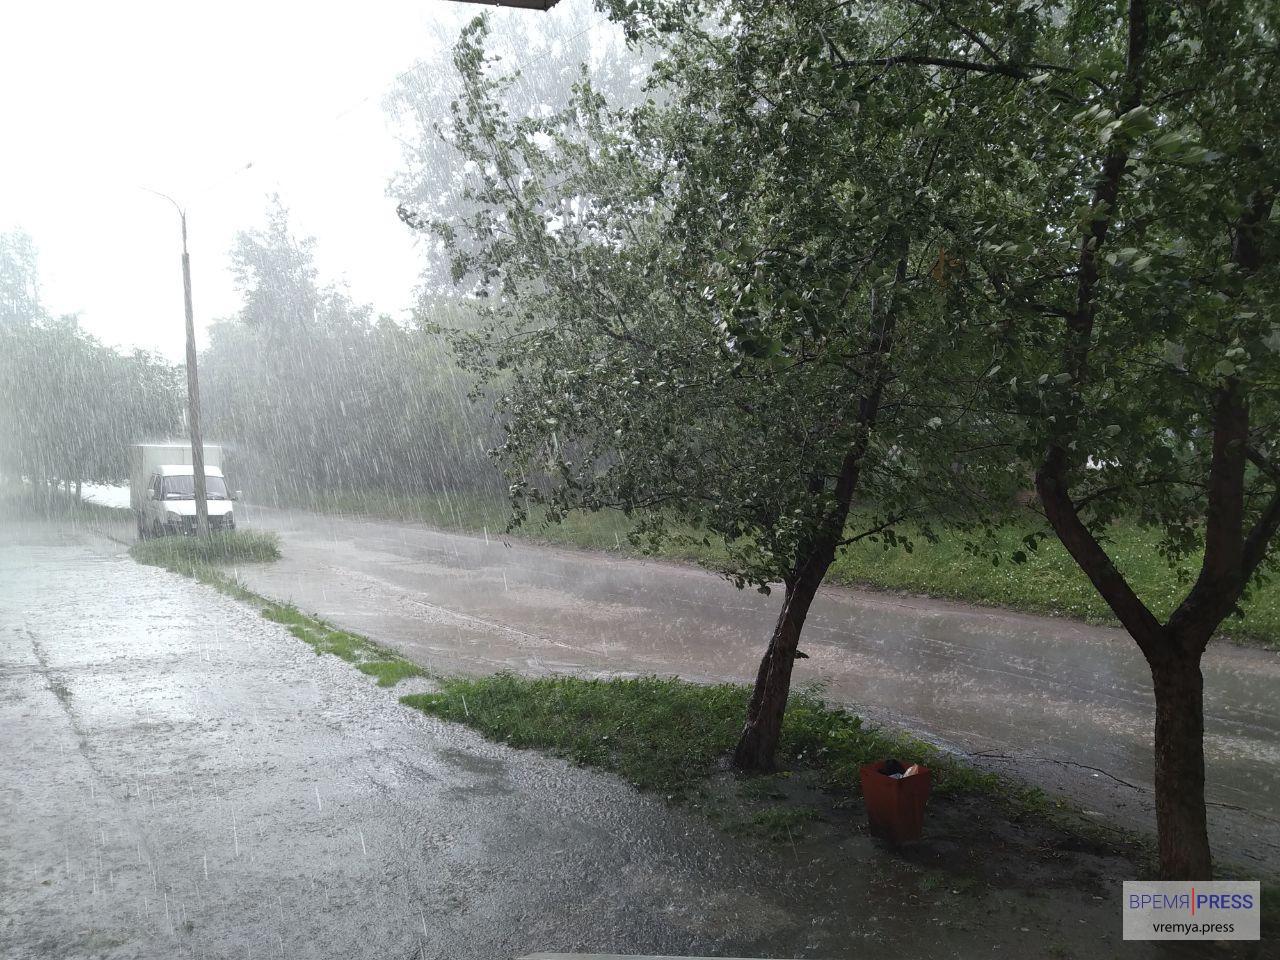 МЧС: В Свердловской области ожидаются сильные ливни